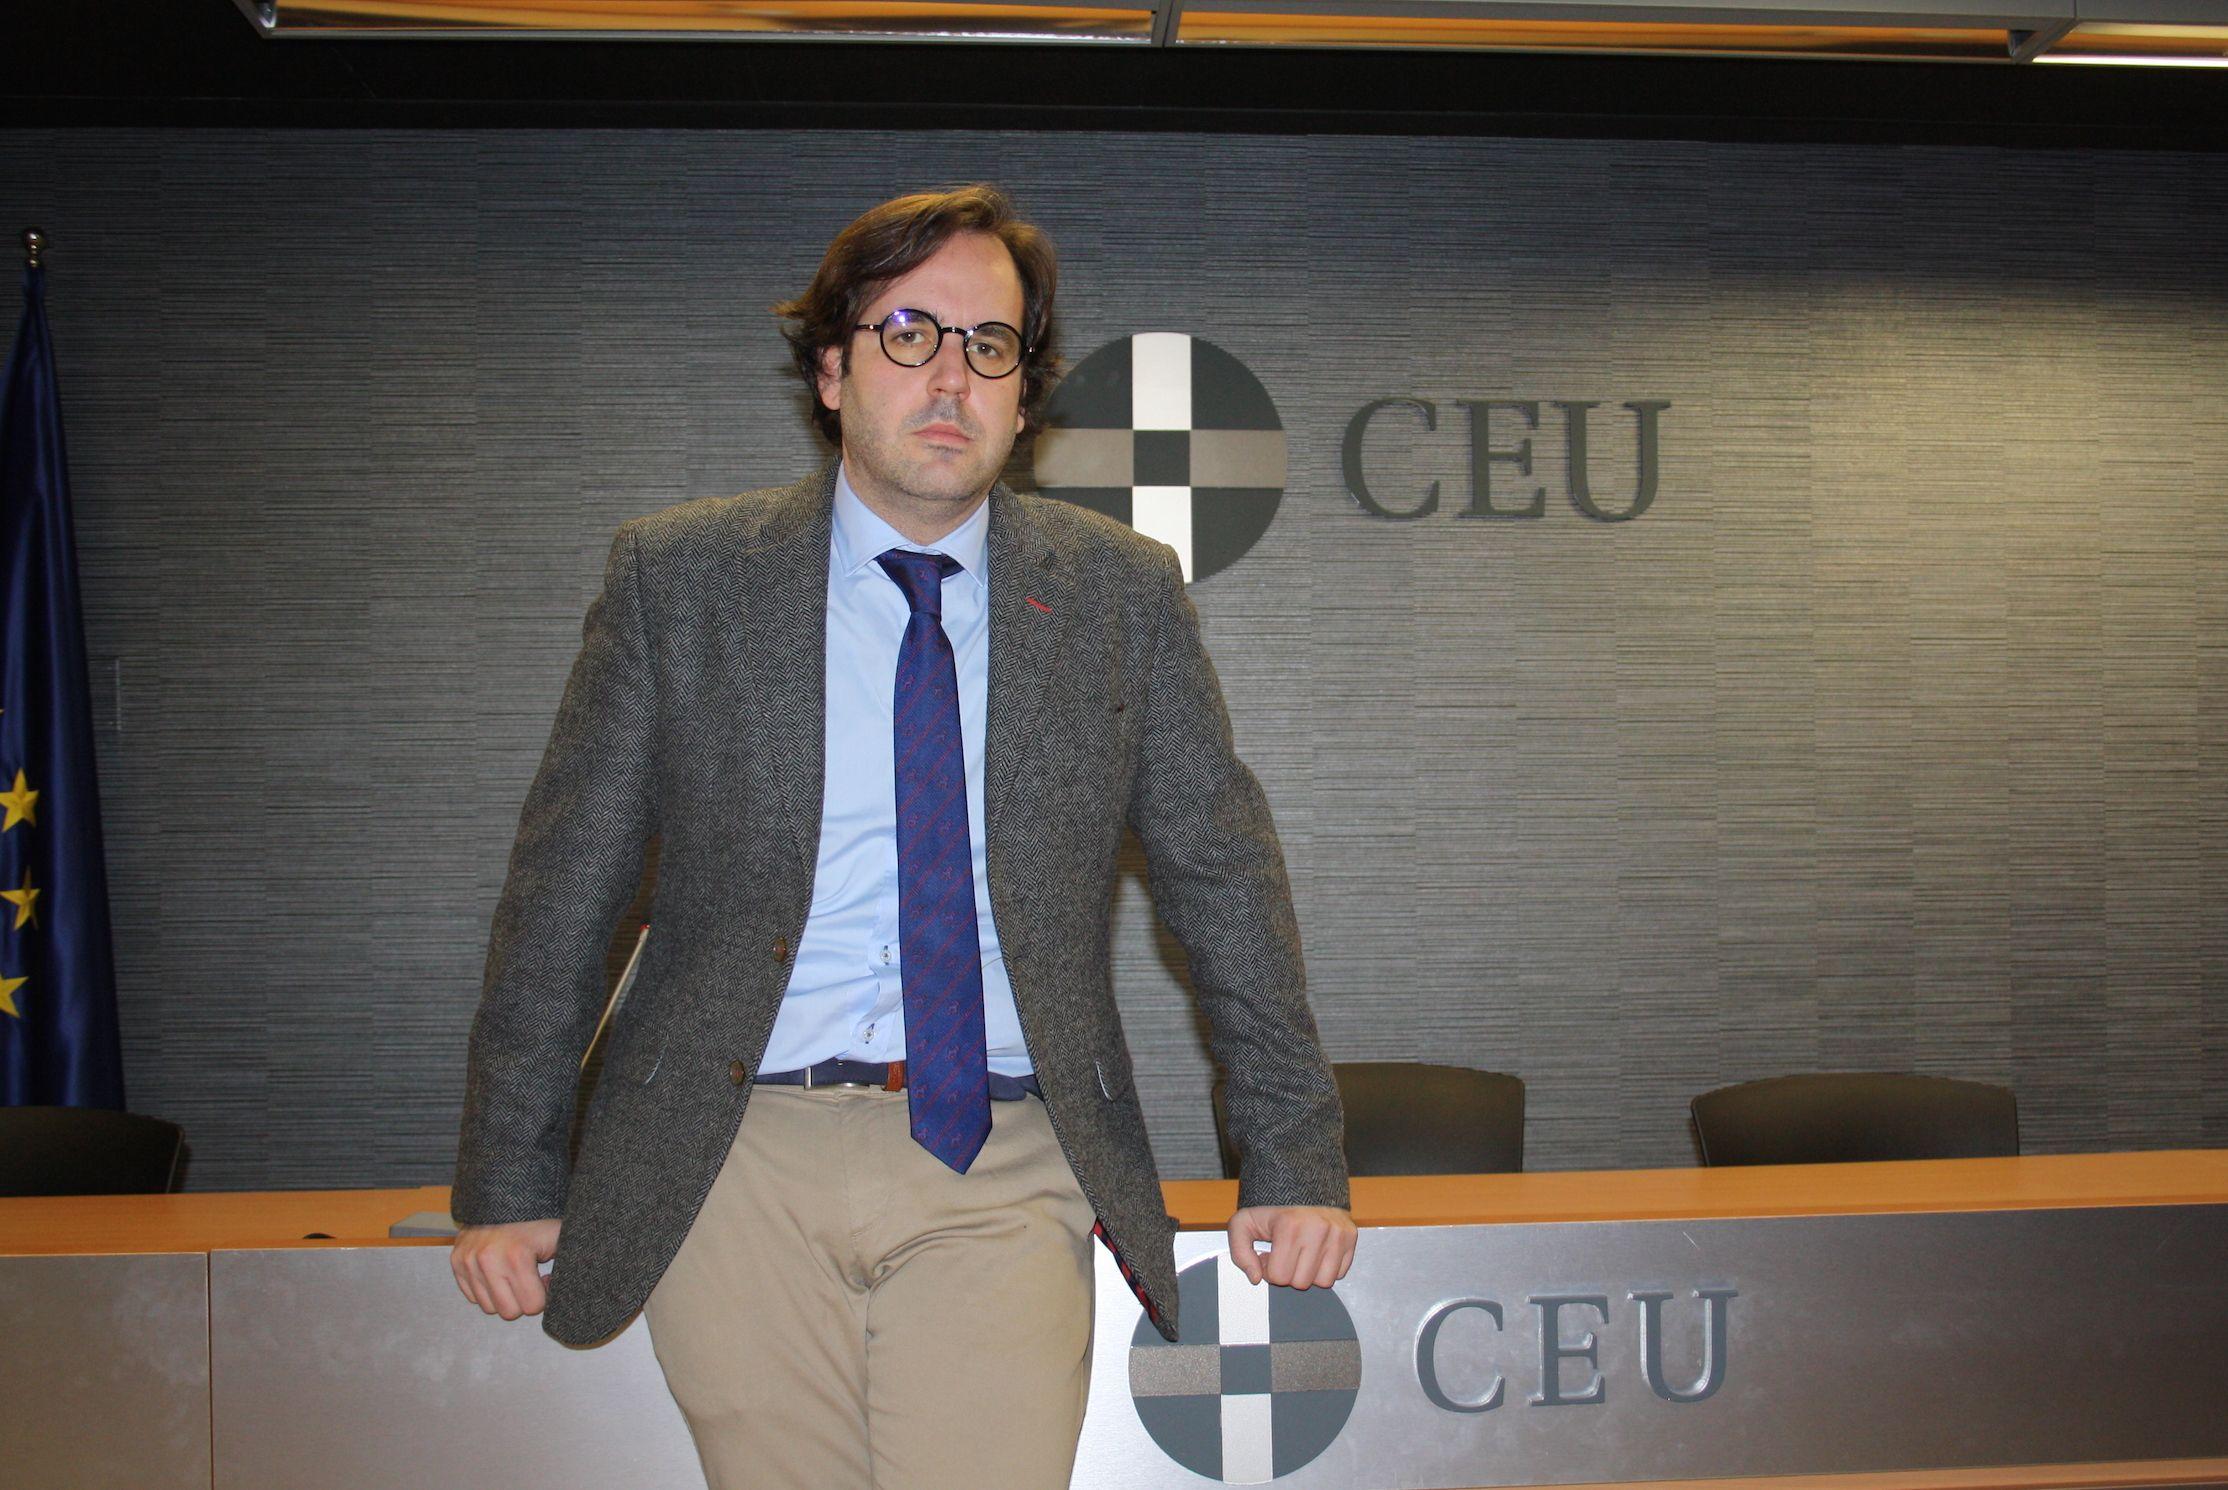 Álvaro Antón, profesor de Derecho Financiero y Tributario de la CEU UCH en Elche, es el investigador principal del proyecto financiado por el Plan Nacional de I+D+i.